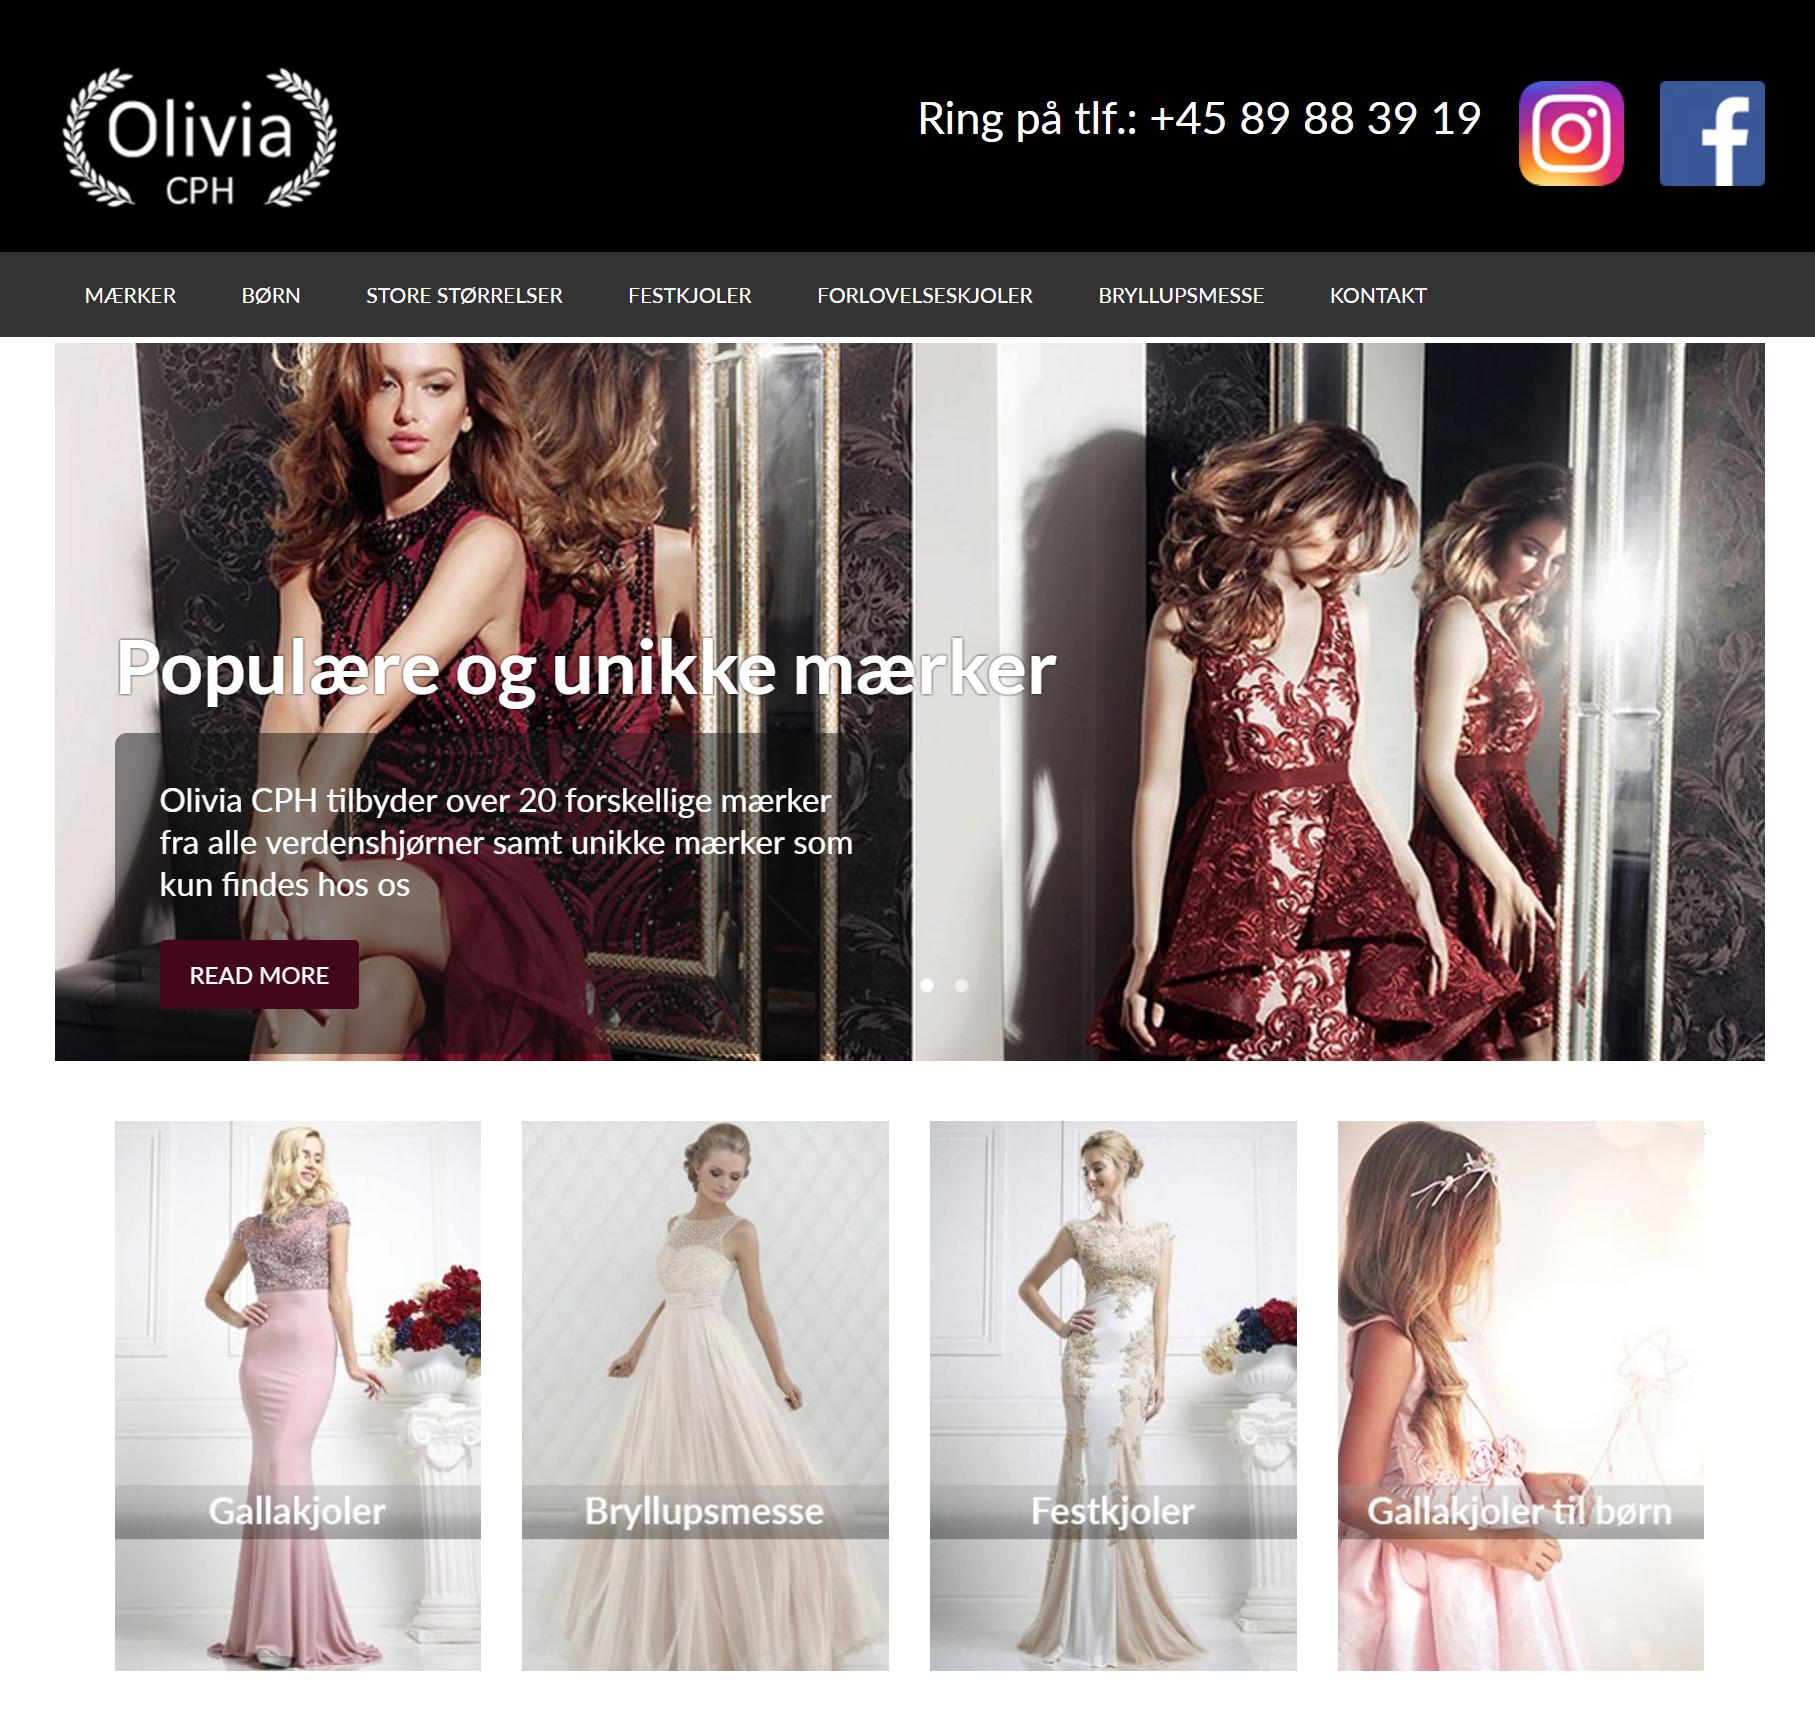 dfe9d0b9c5f6 Billige festkjoler – Billige kjoler til fest – Olivia CPH